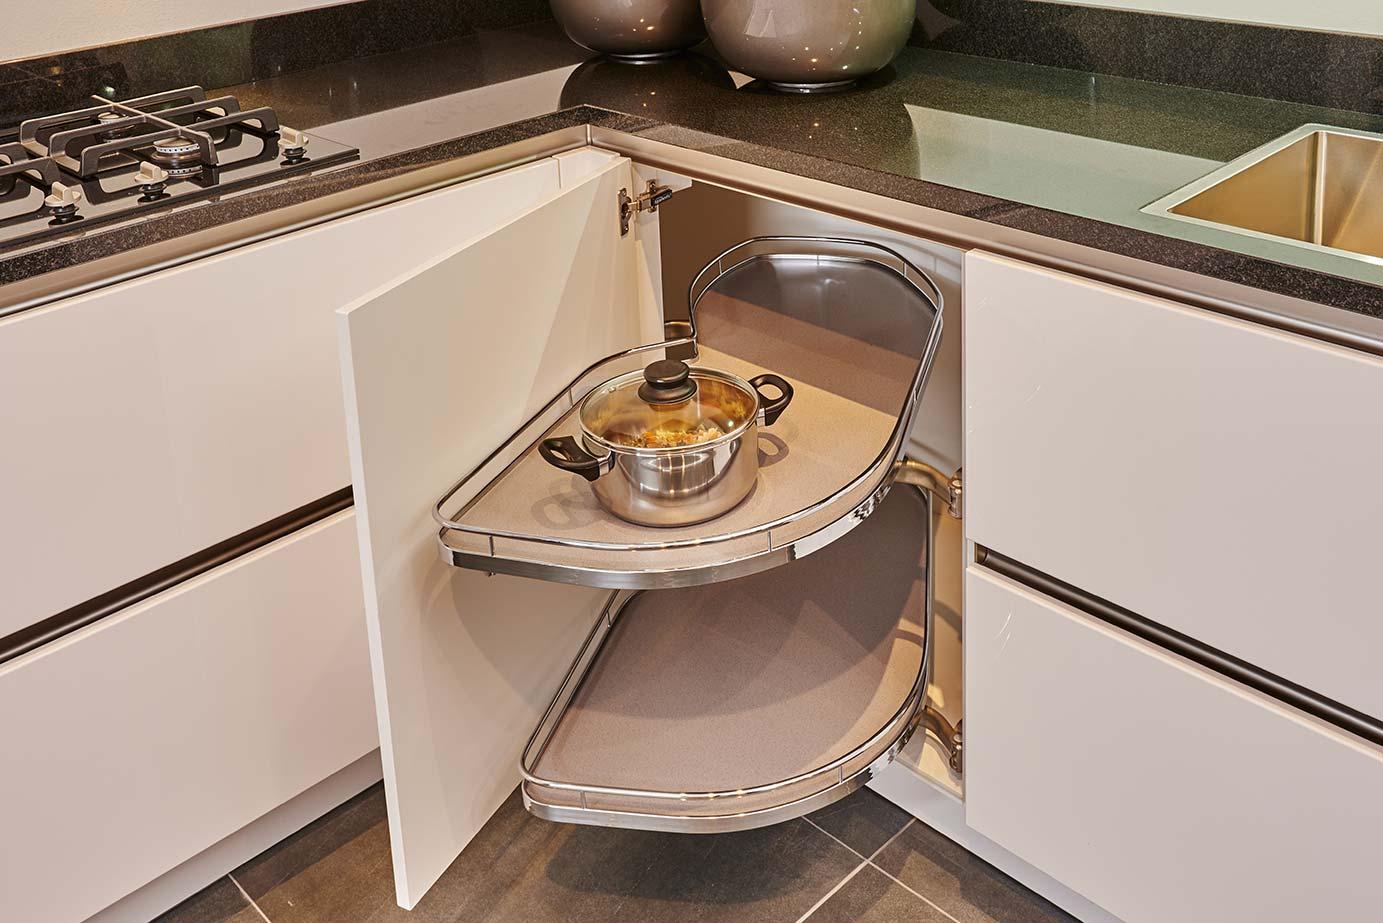 Keuken Uitbouwen Kosten : keuken ontwerpen voor welke prijs wanneer u uw keuken laat ontwerpen